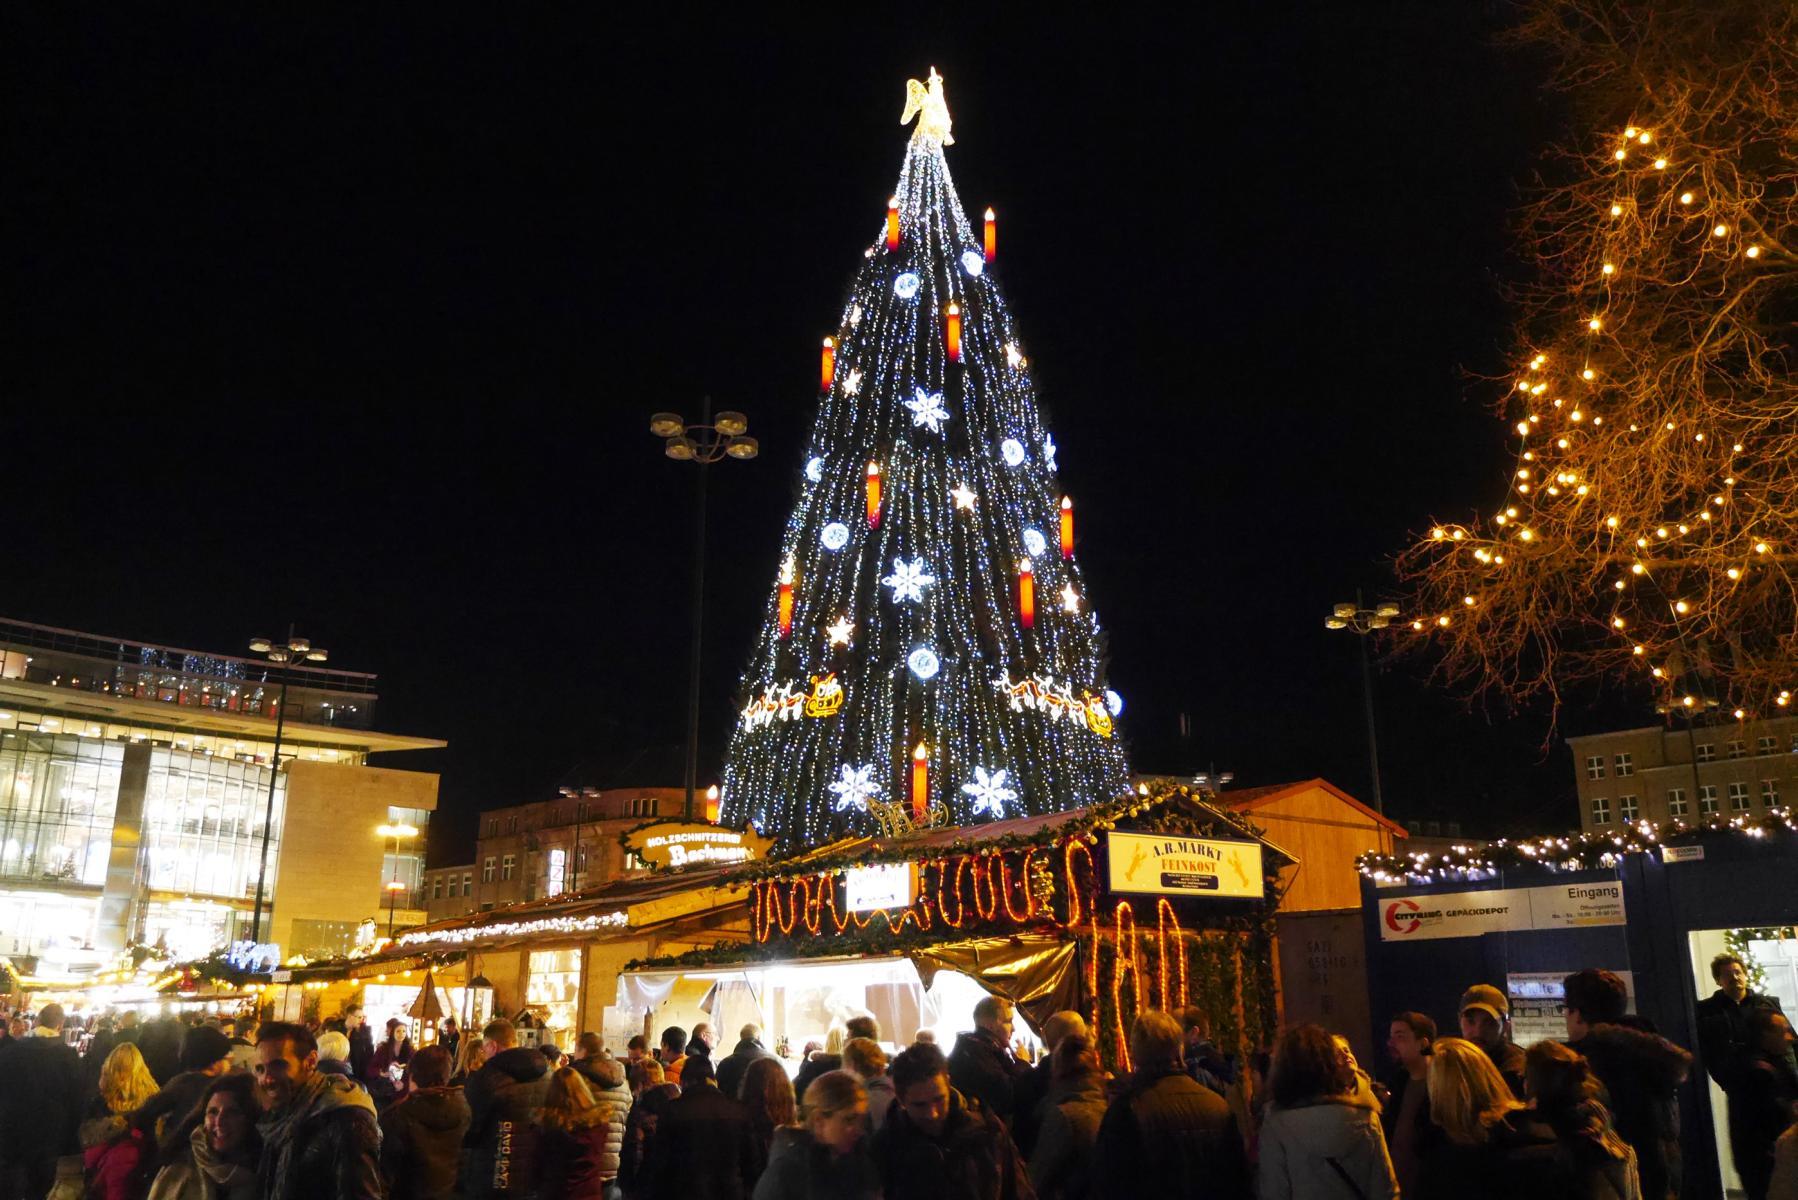 Weihnachtsmarkt Dortmund Bis Wann.Datei Weihnachtsmarkt Dortmund 2015 Jpg Wikipedia